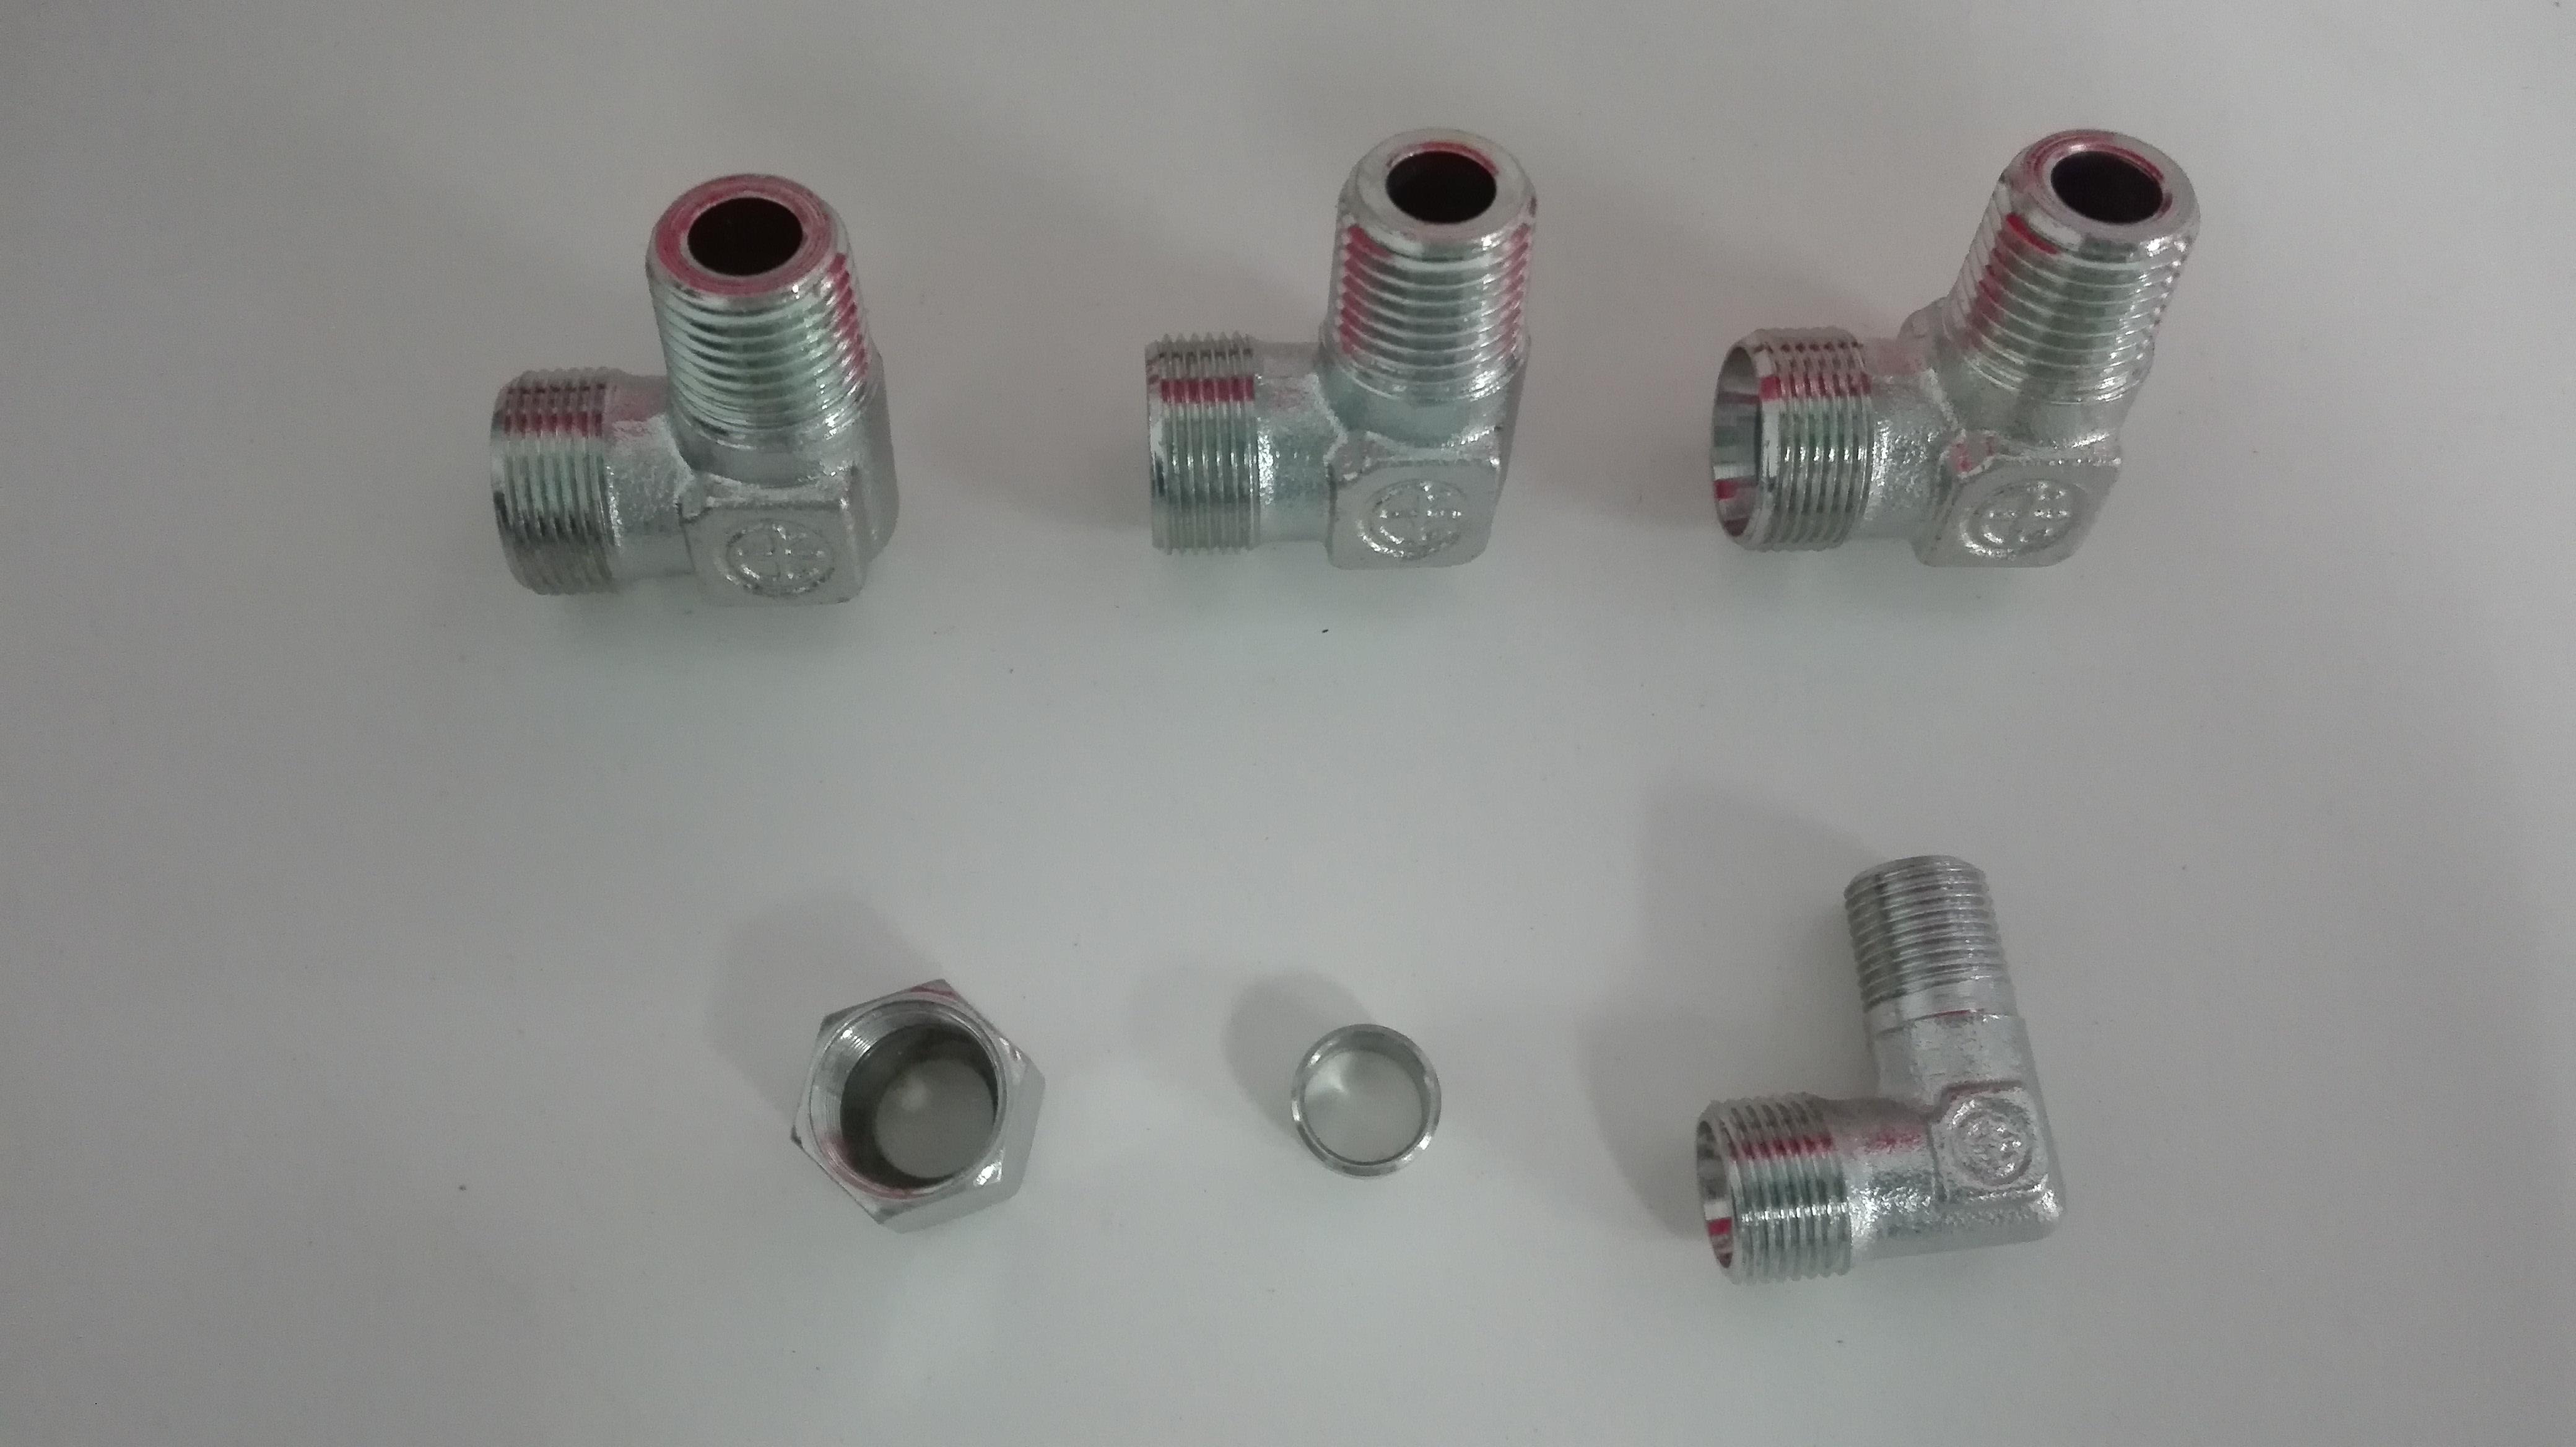 雷斯特利 TN94 终端直角接头 锥螺纹系列 液压管路连接件卡套式接头